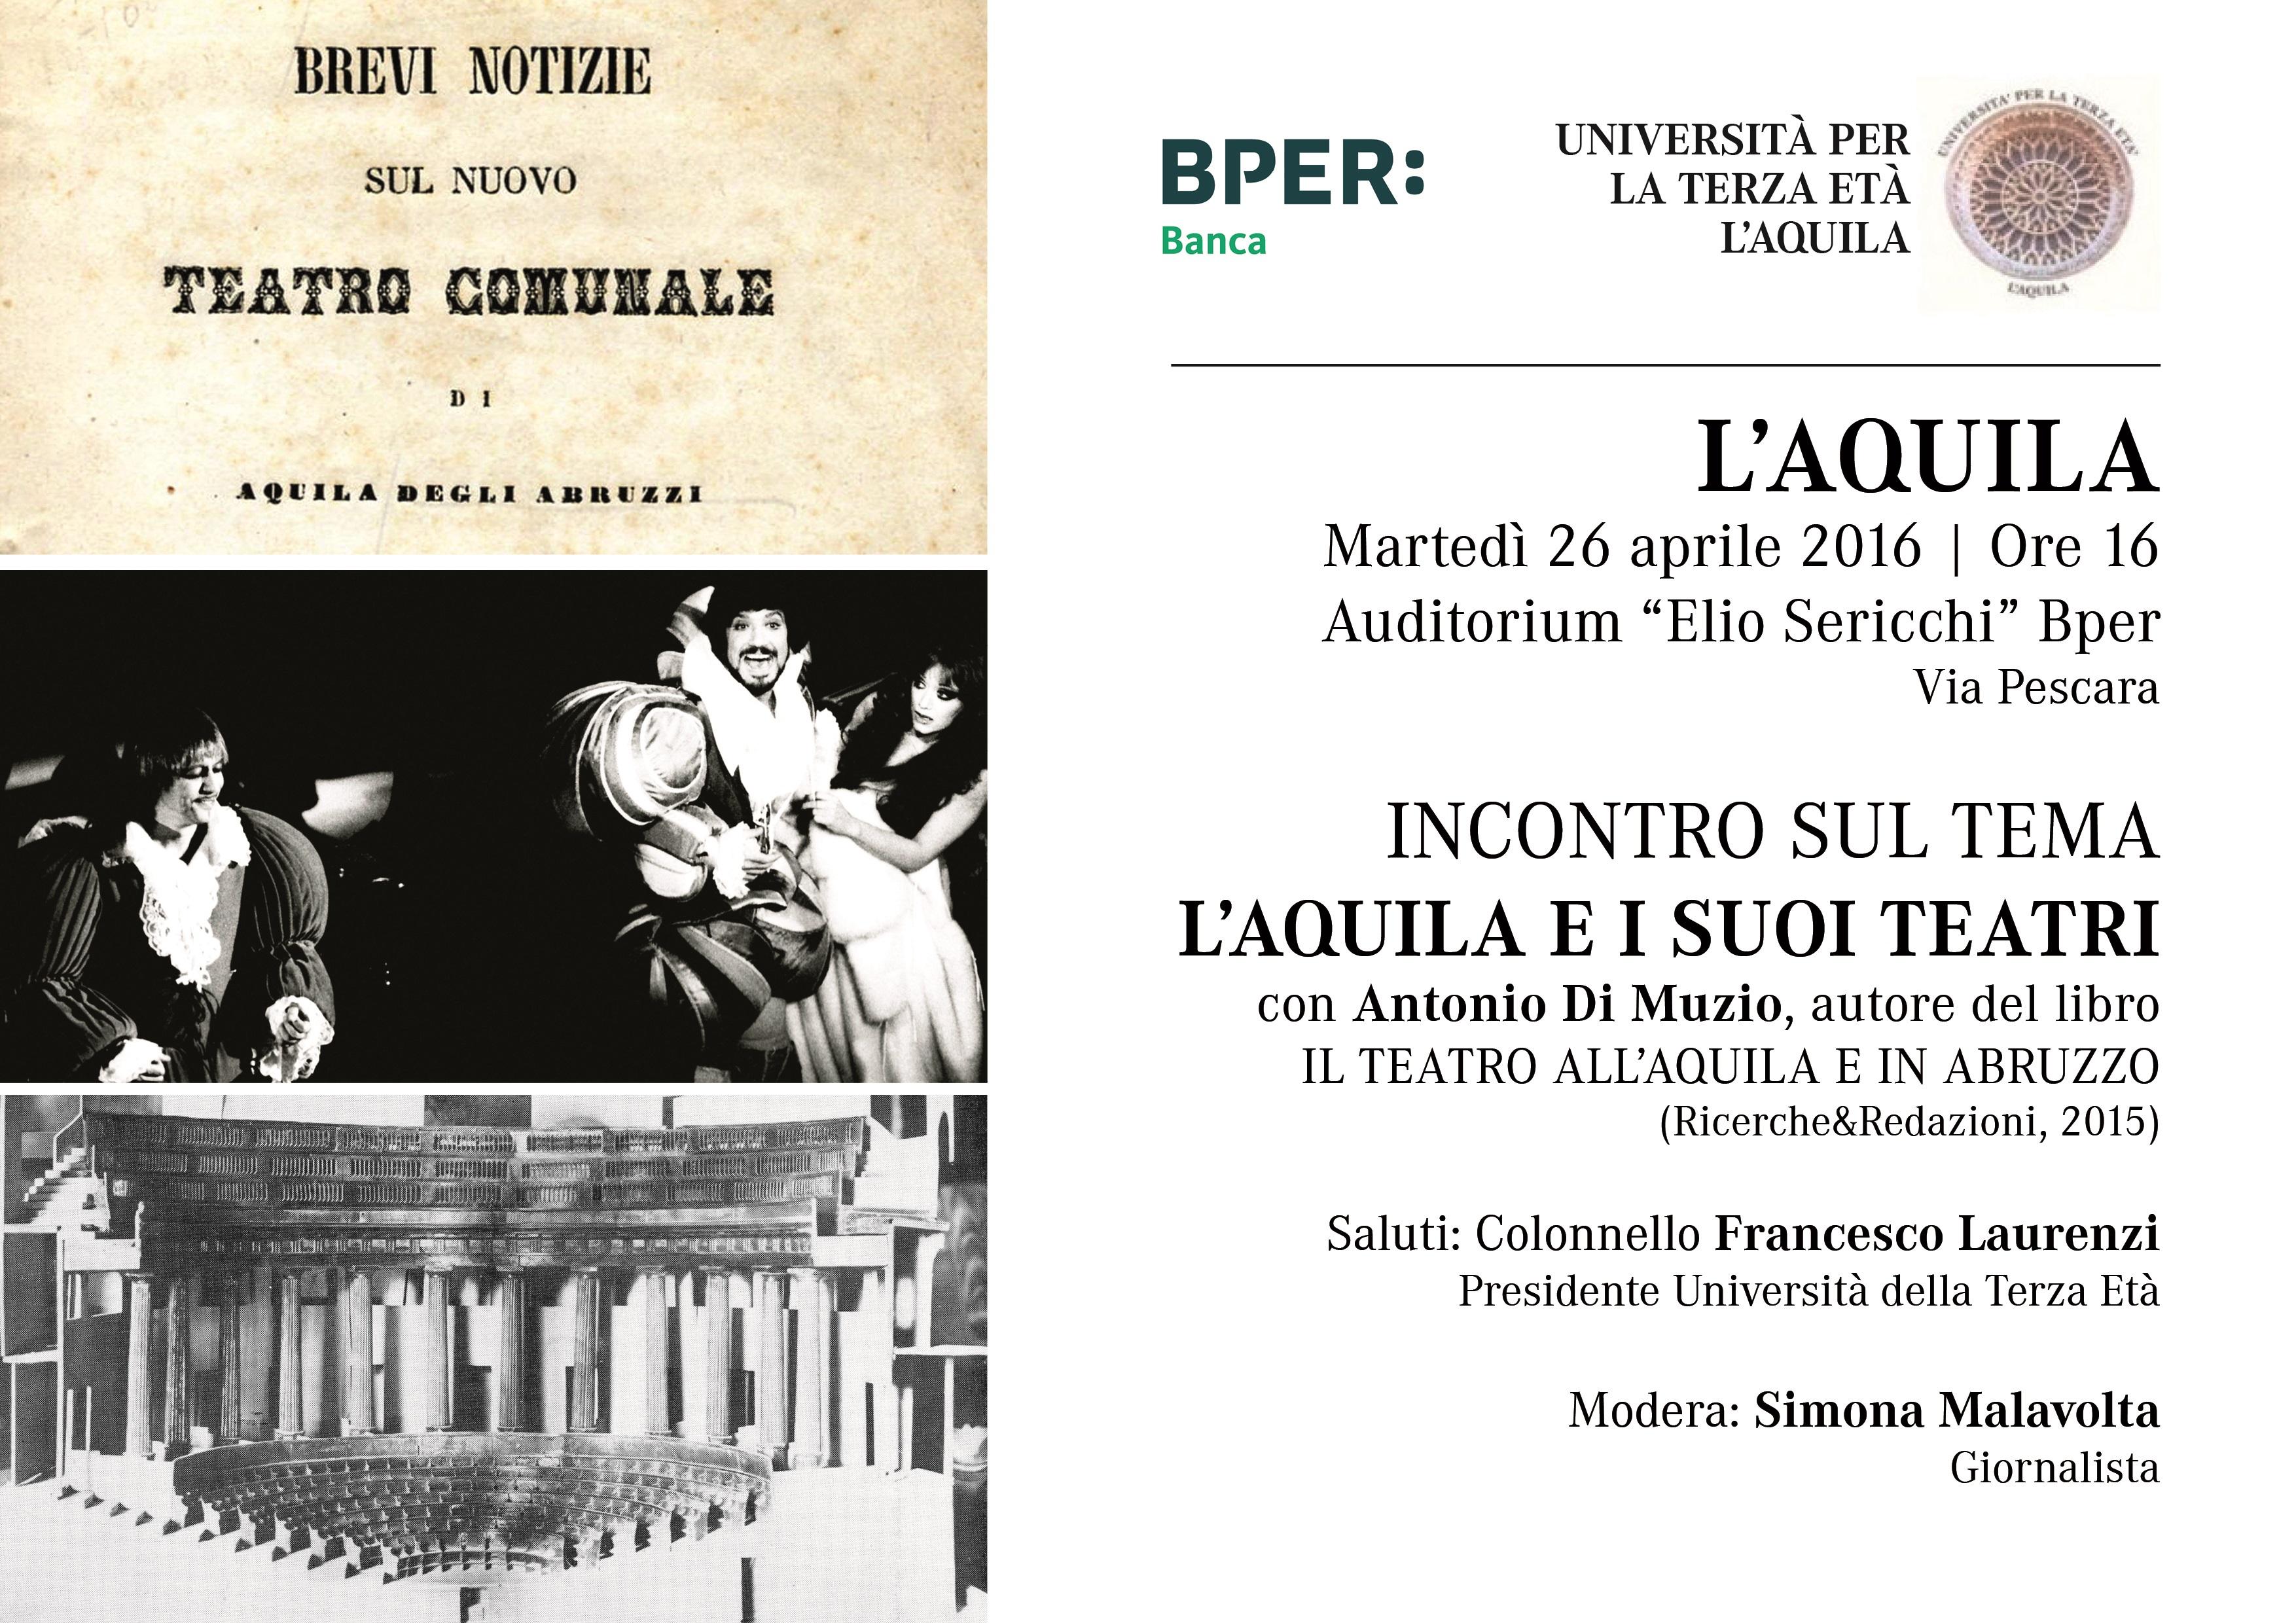 L'Aquila e la storia dei suoi teatri